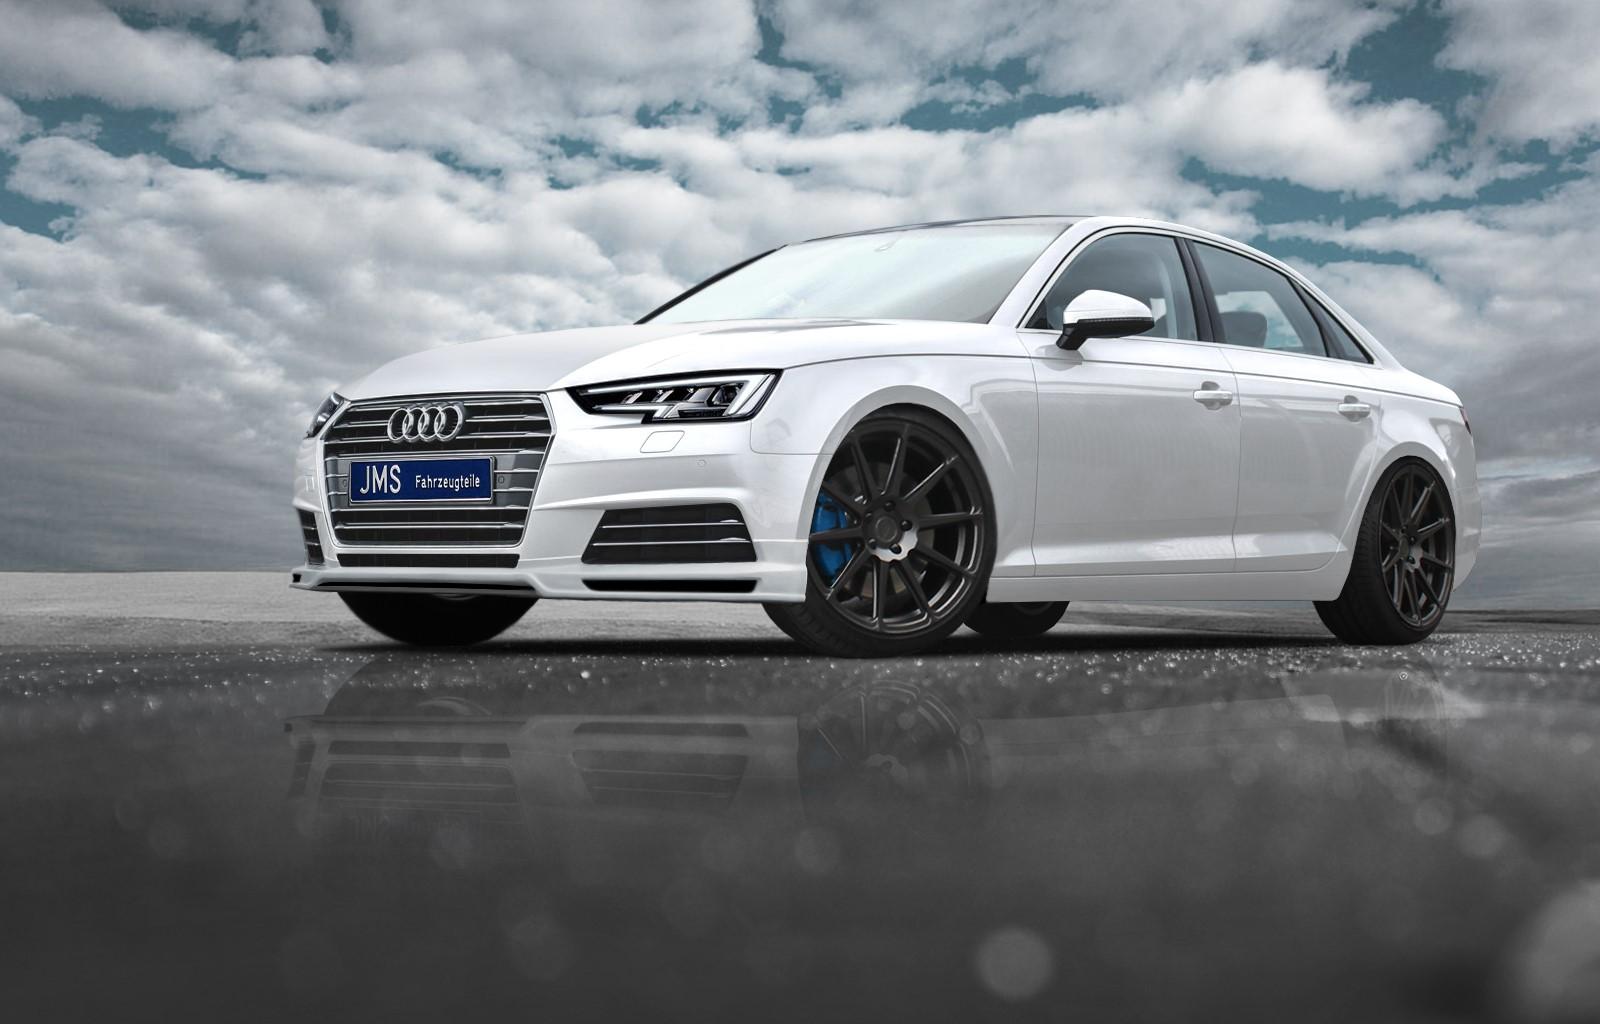 Racelook-Bodykit für den Audi A4 B9 ohne S line-Paket